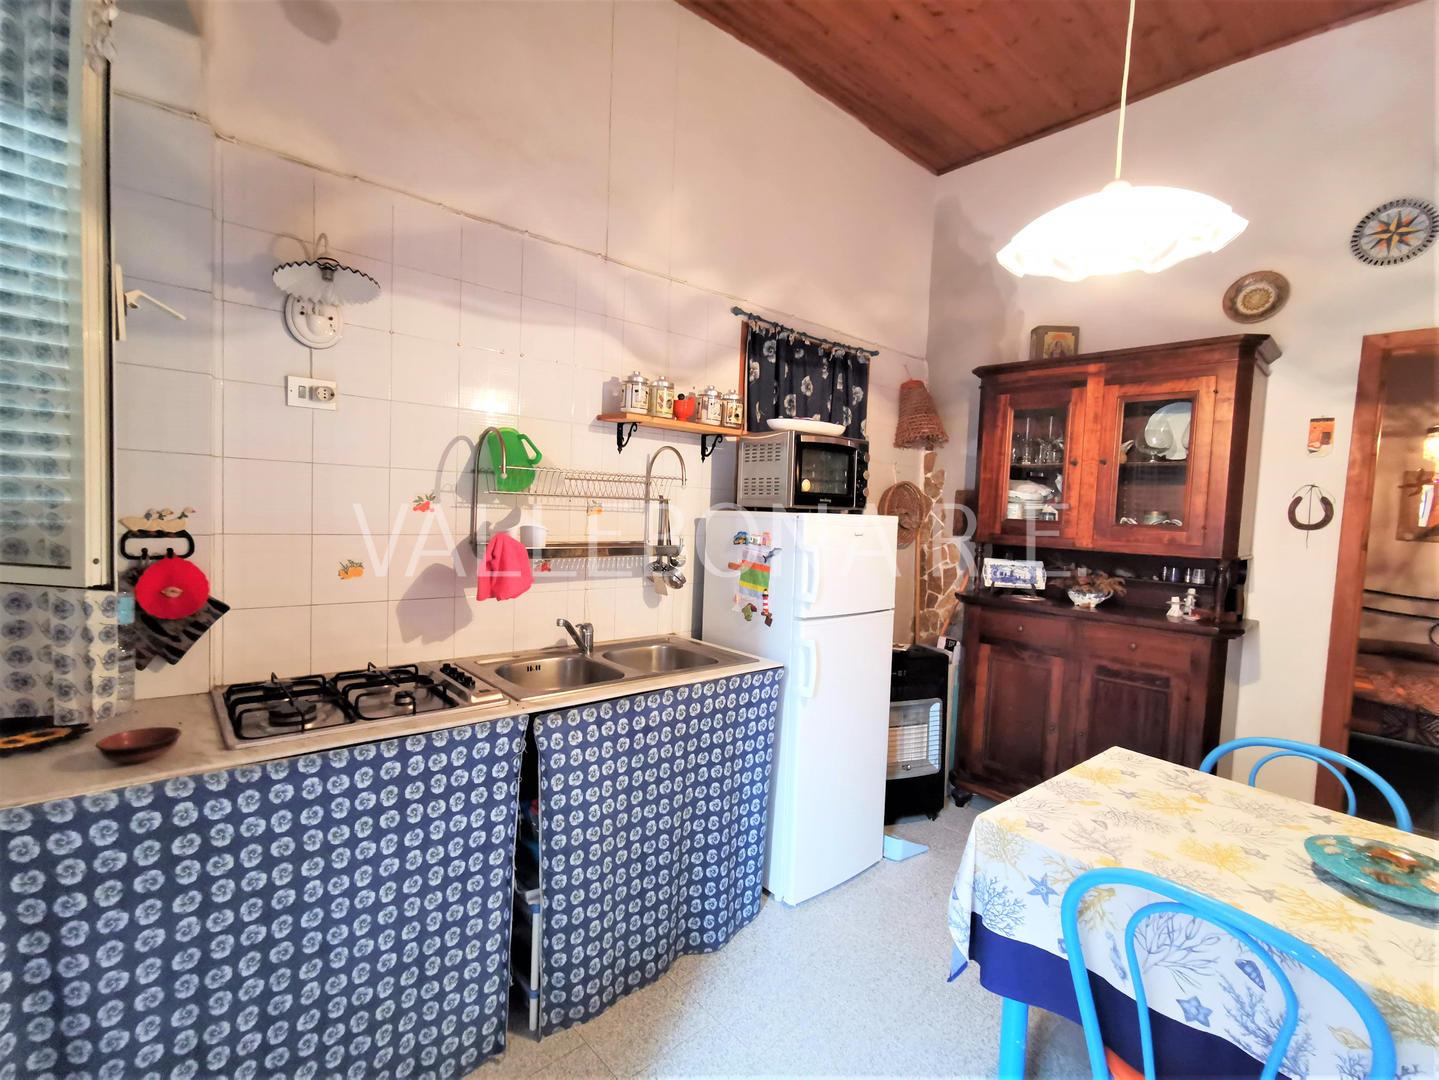 Appartamento in vendita a Carloforte, 2 locali, zona Località: CarlofortePaese/Citycentre, prezzo € 70.000 | CambioCasa.it